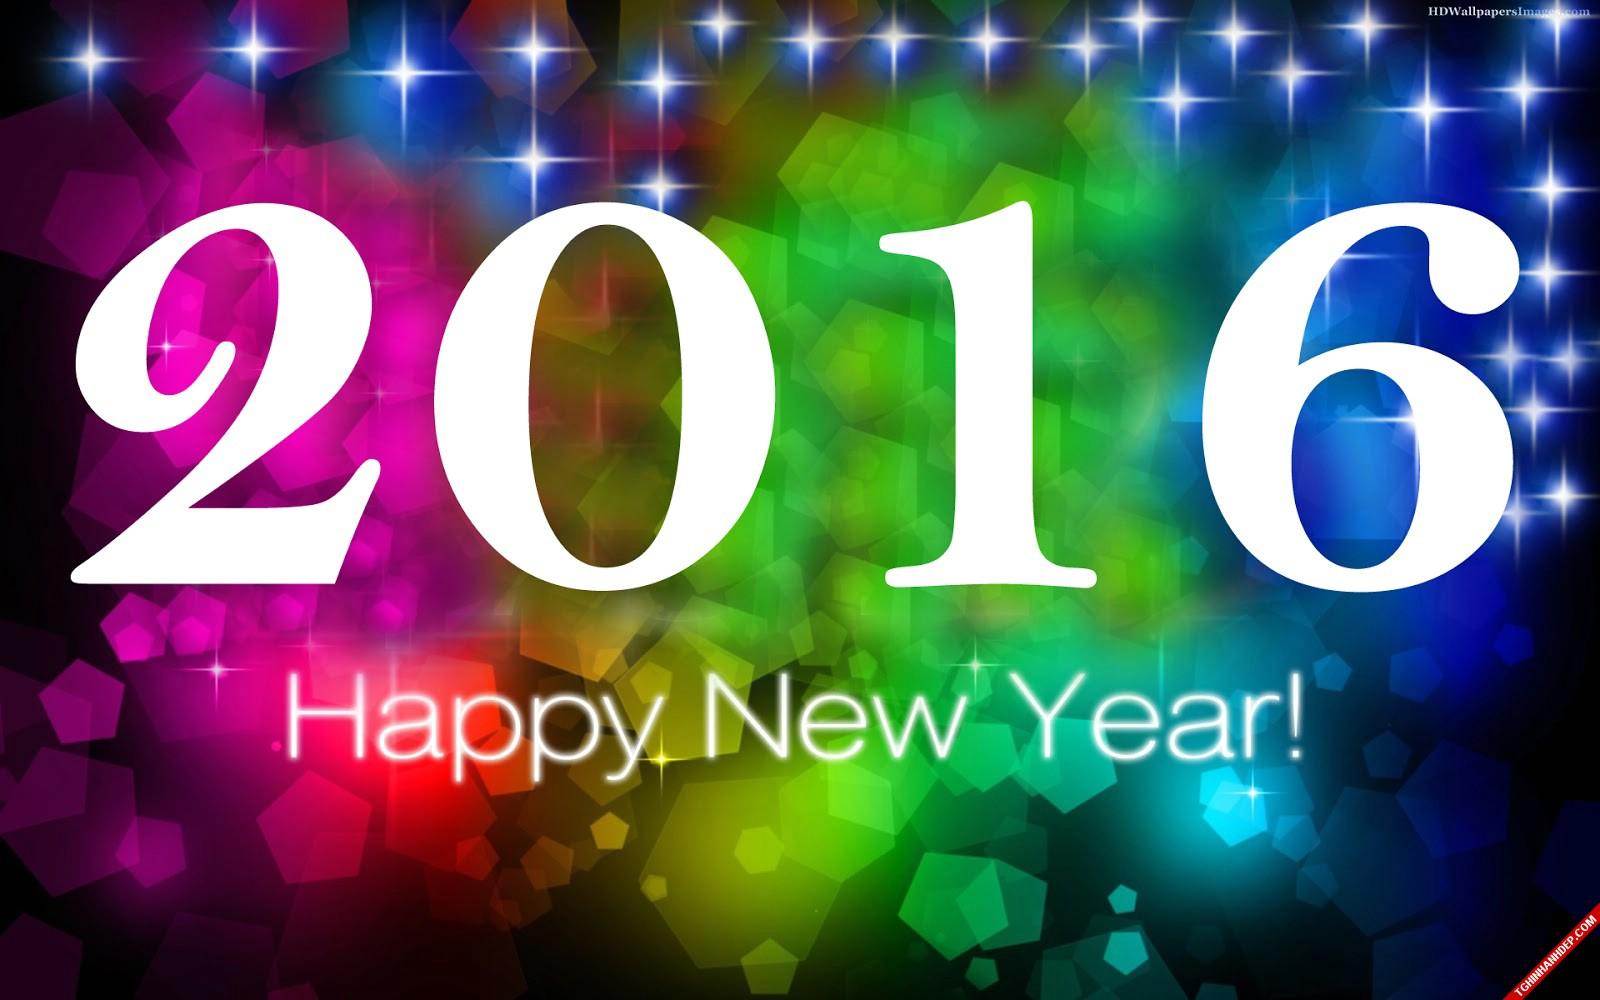 Bộ sưu tập hình nền chúc mừng năm mới 2016 đẹp nhất